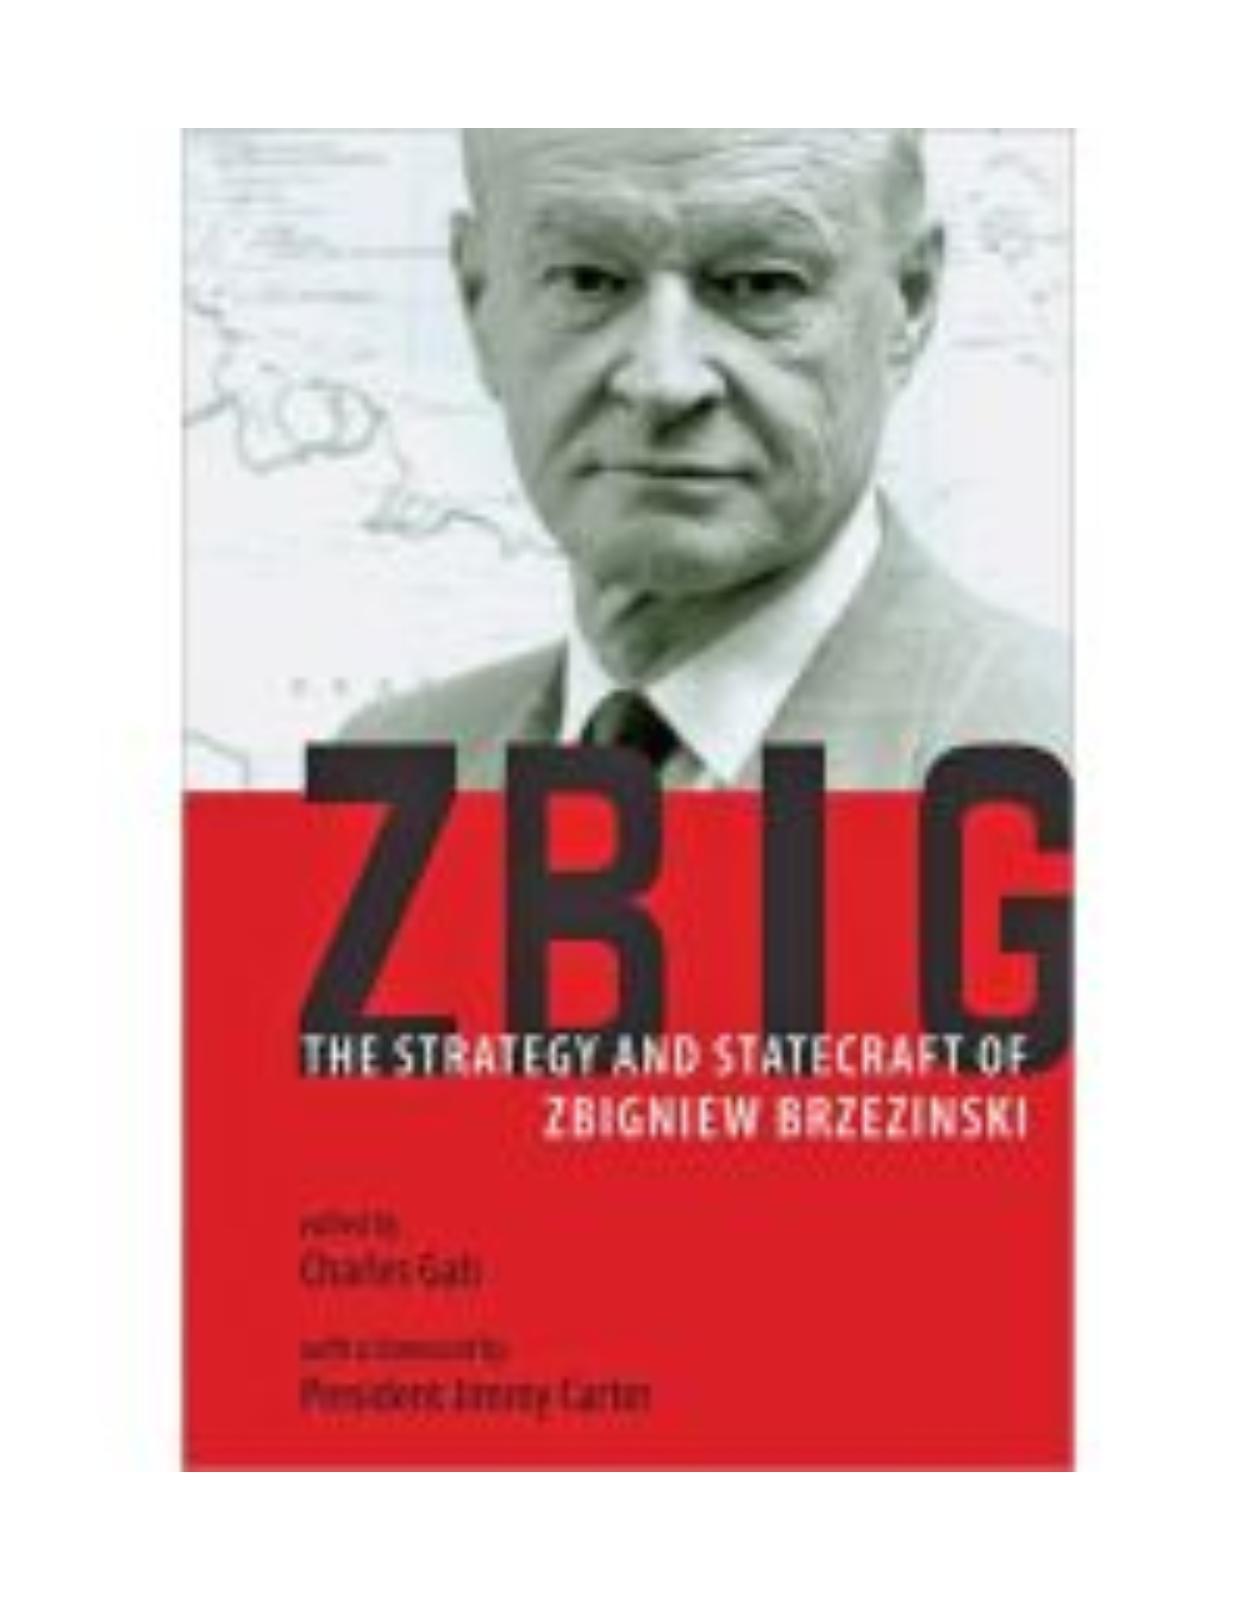 Zbig. The Strategy and Statecraft of Zbigniew Brzezinski